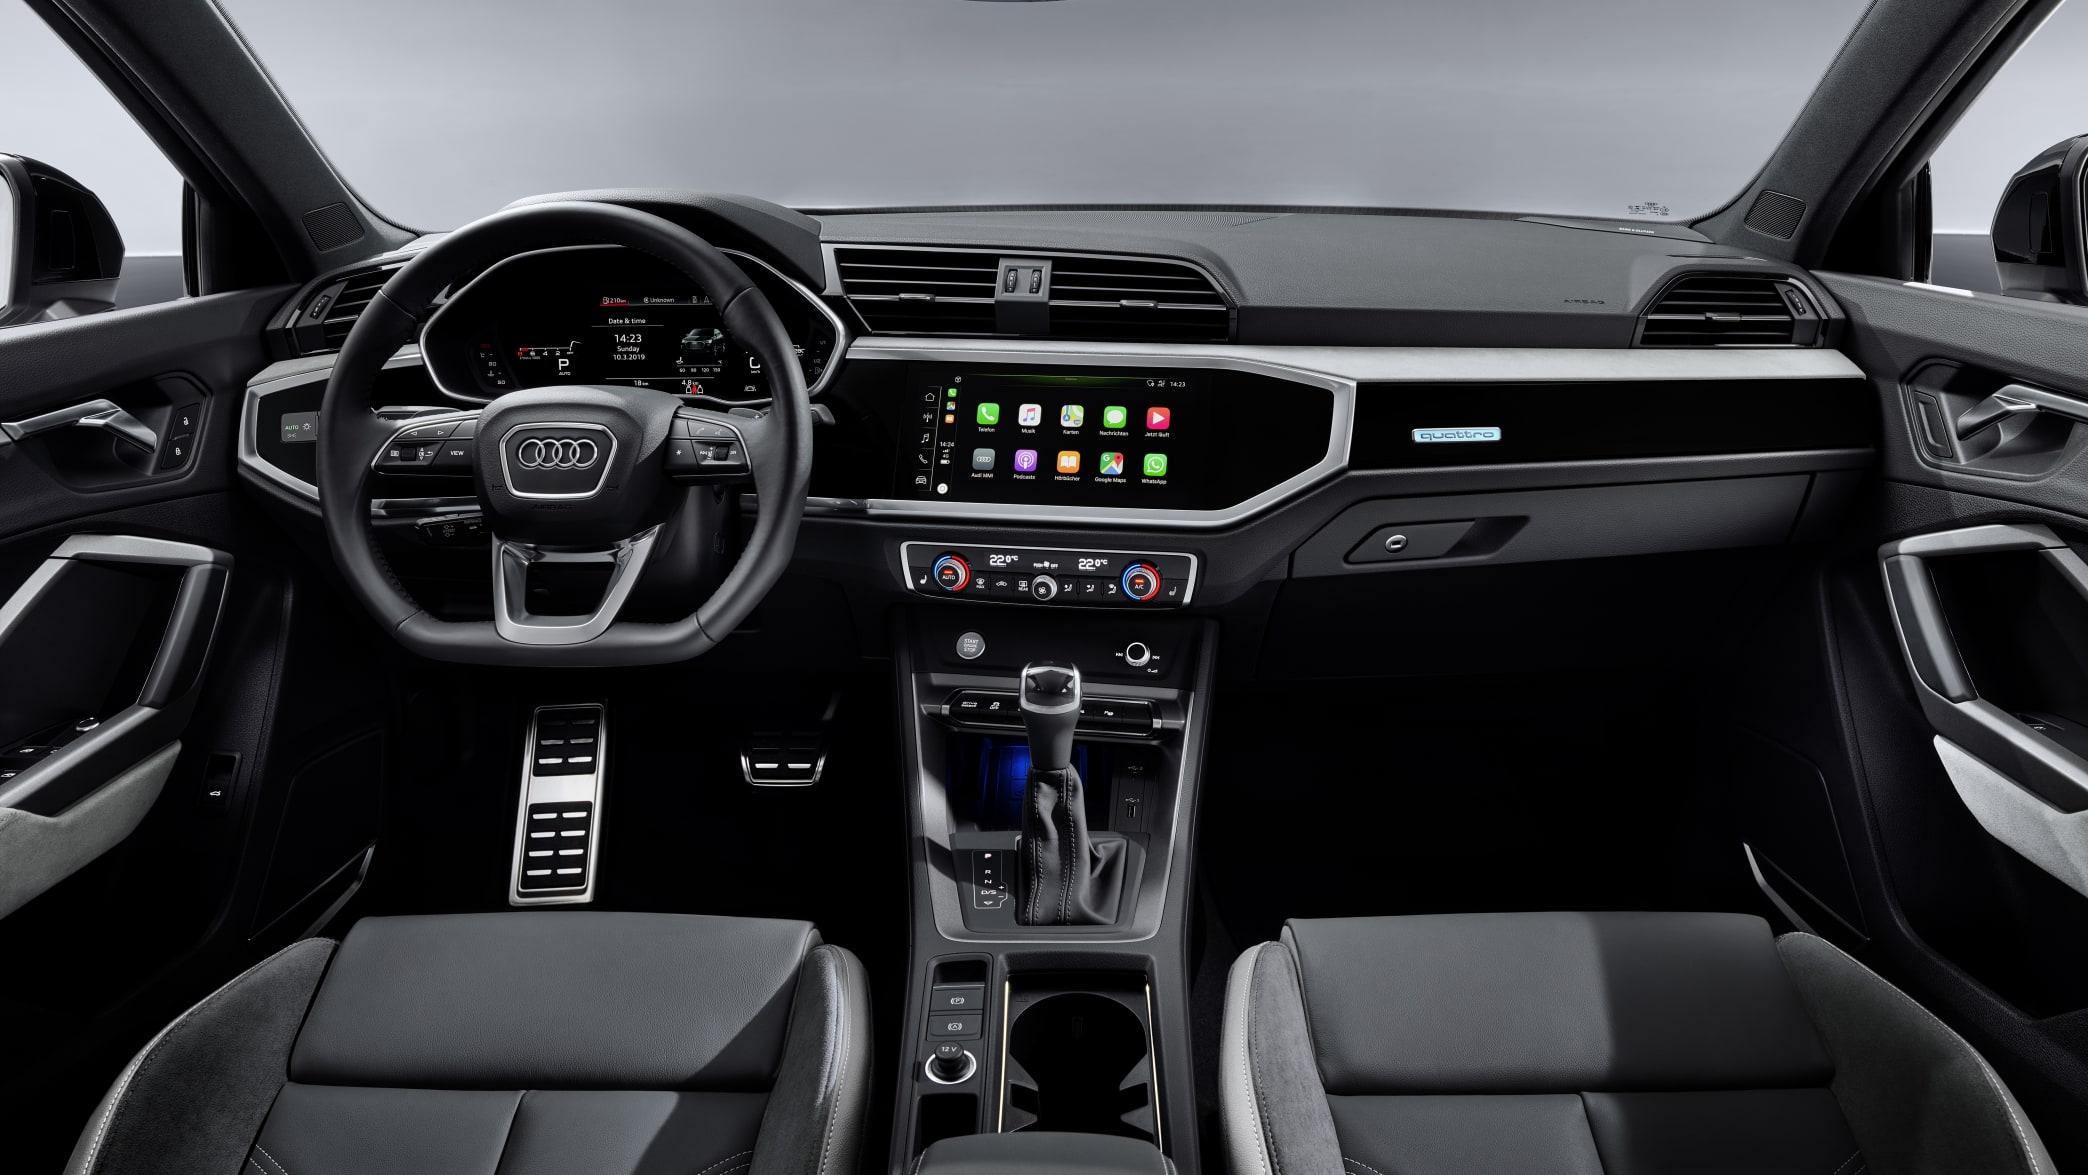 Blick ins Cockpit des Audi Q3